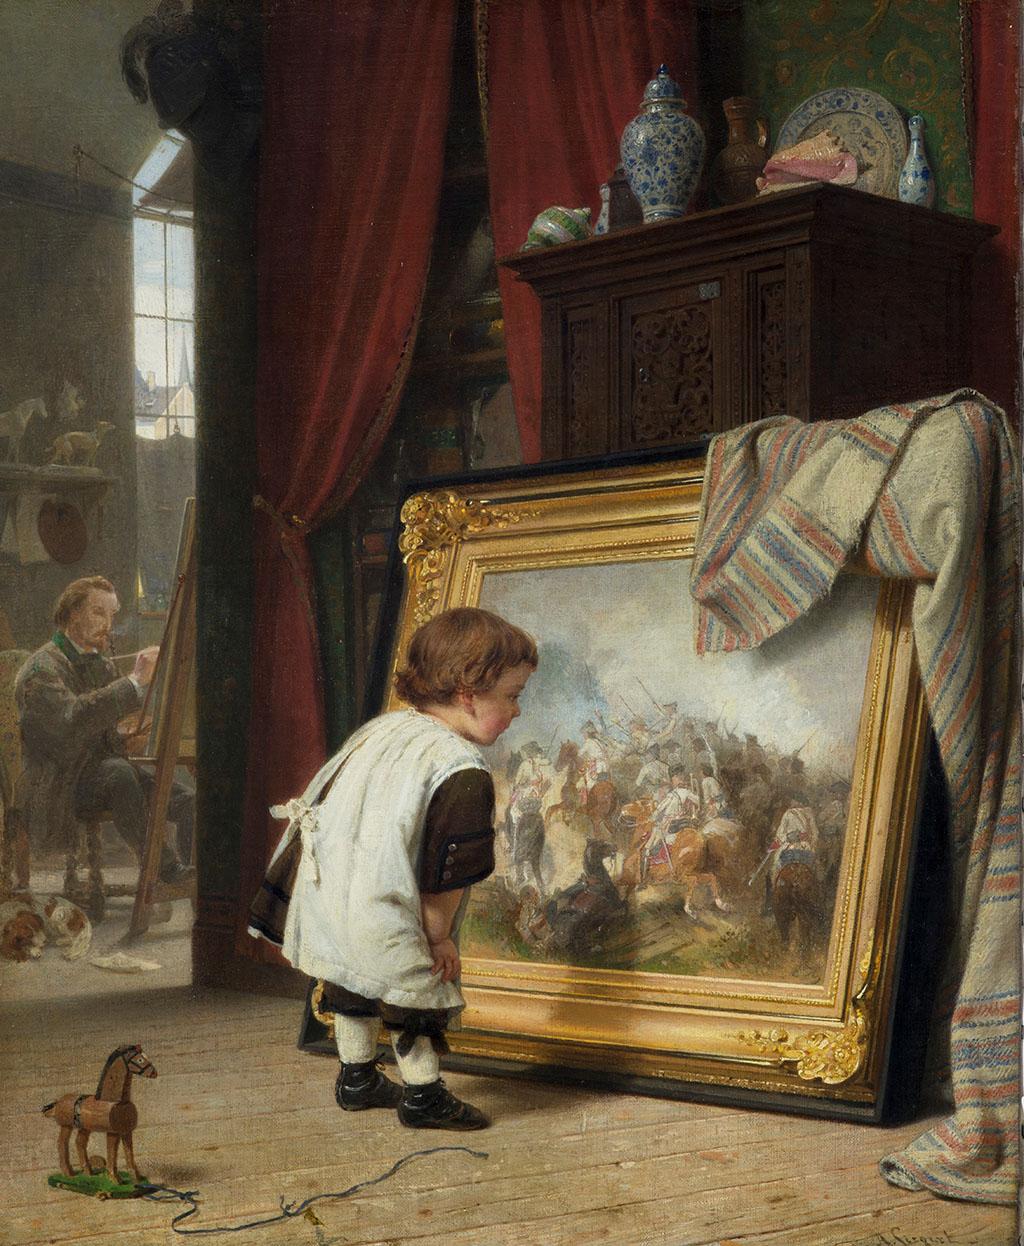 August Friedrich Siegert, Der kleine Kunstfreund, olieverf op doek, 1859 (particulier bezit).